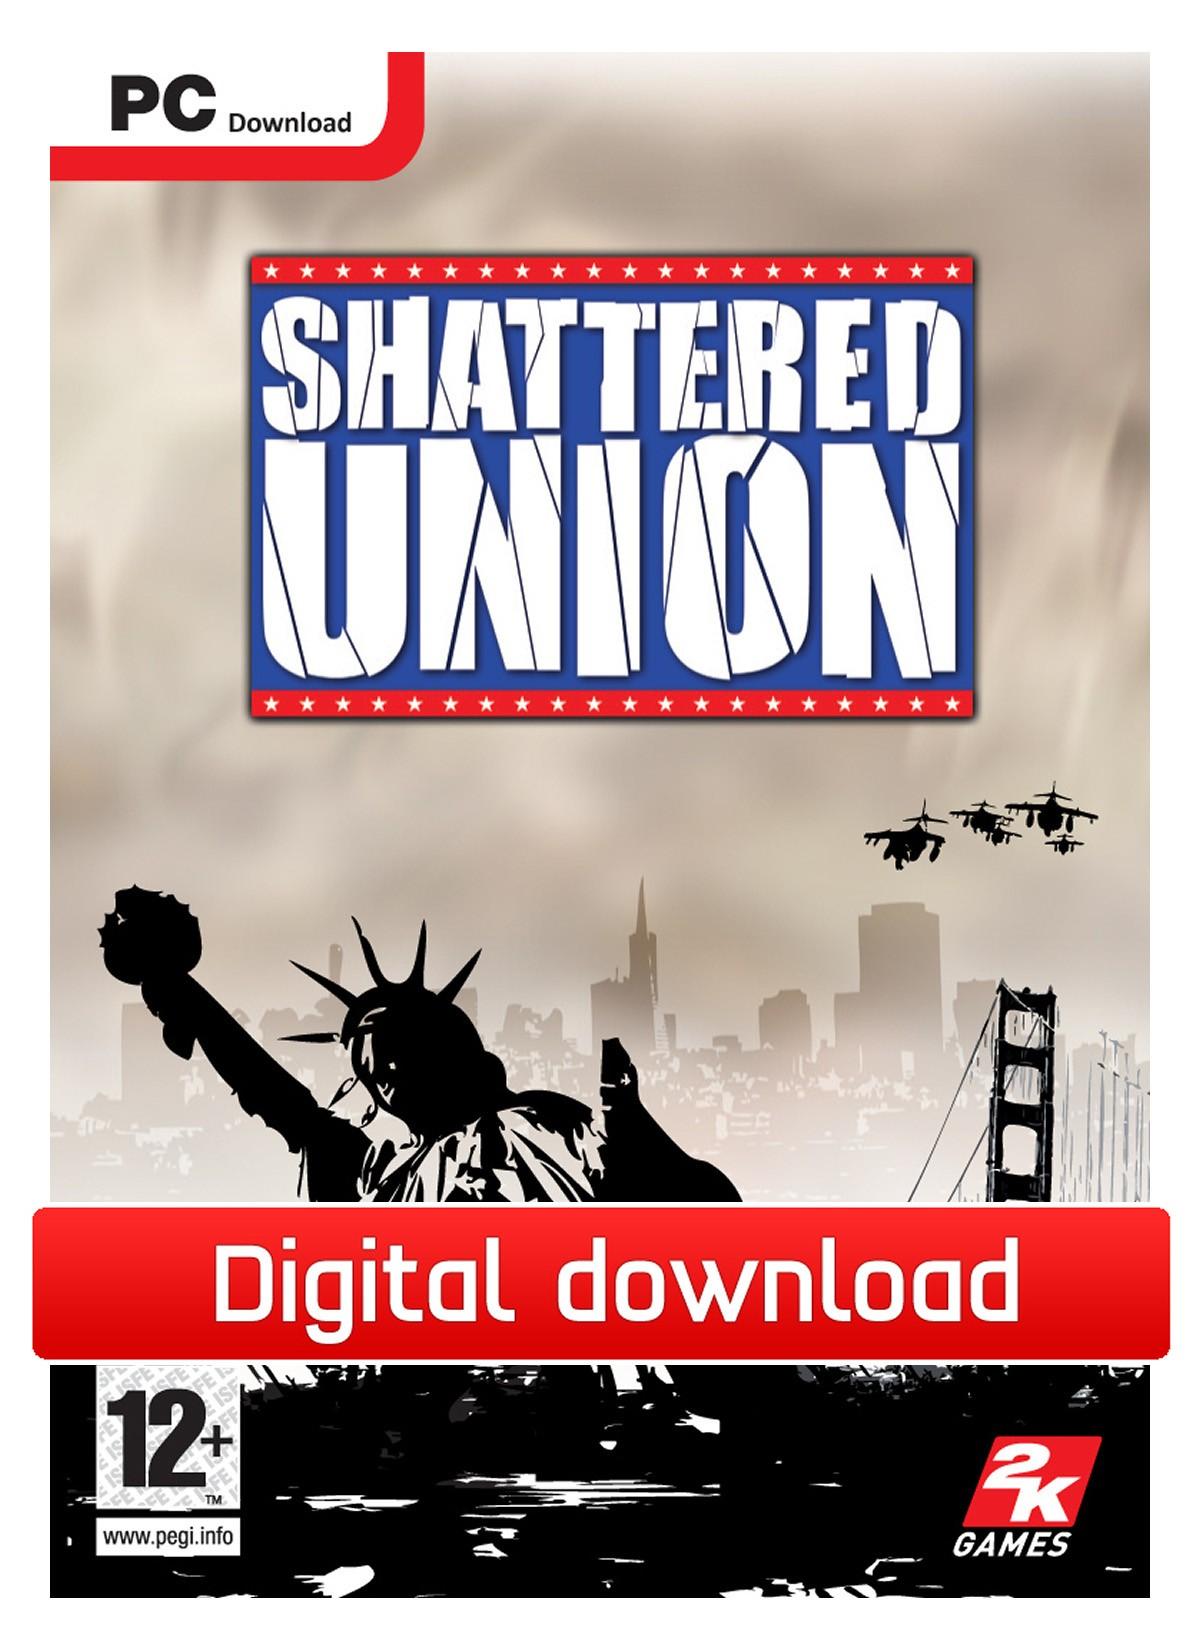 Shattered Union (PC nedlastning) PCDD14575